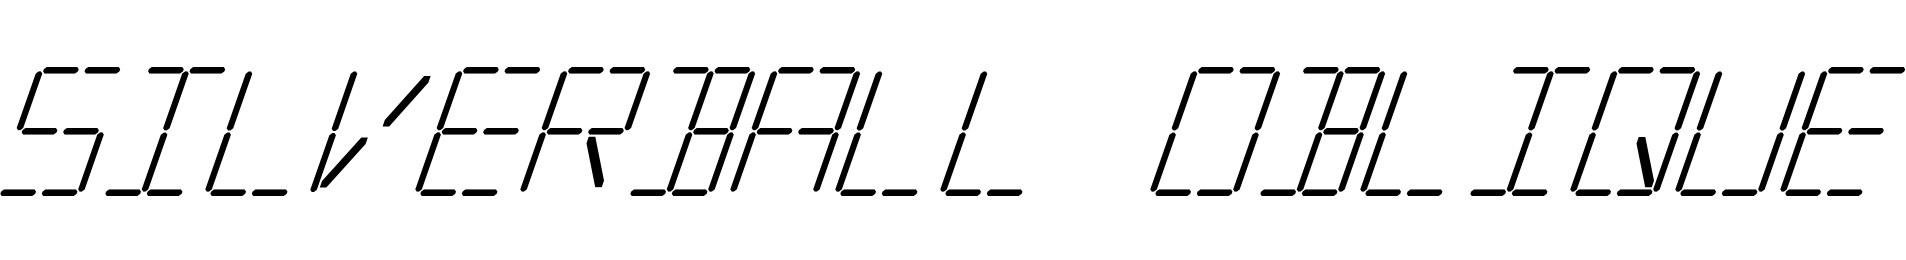 Silverball Oblique